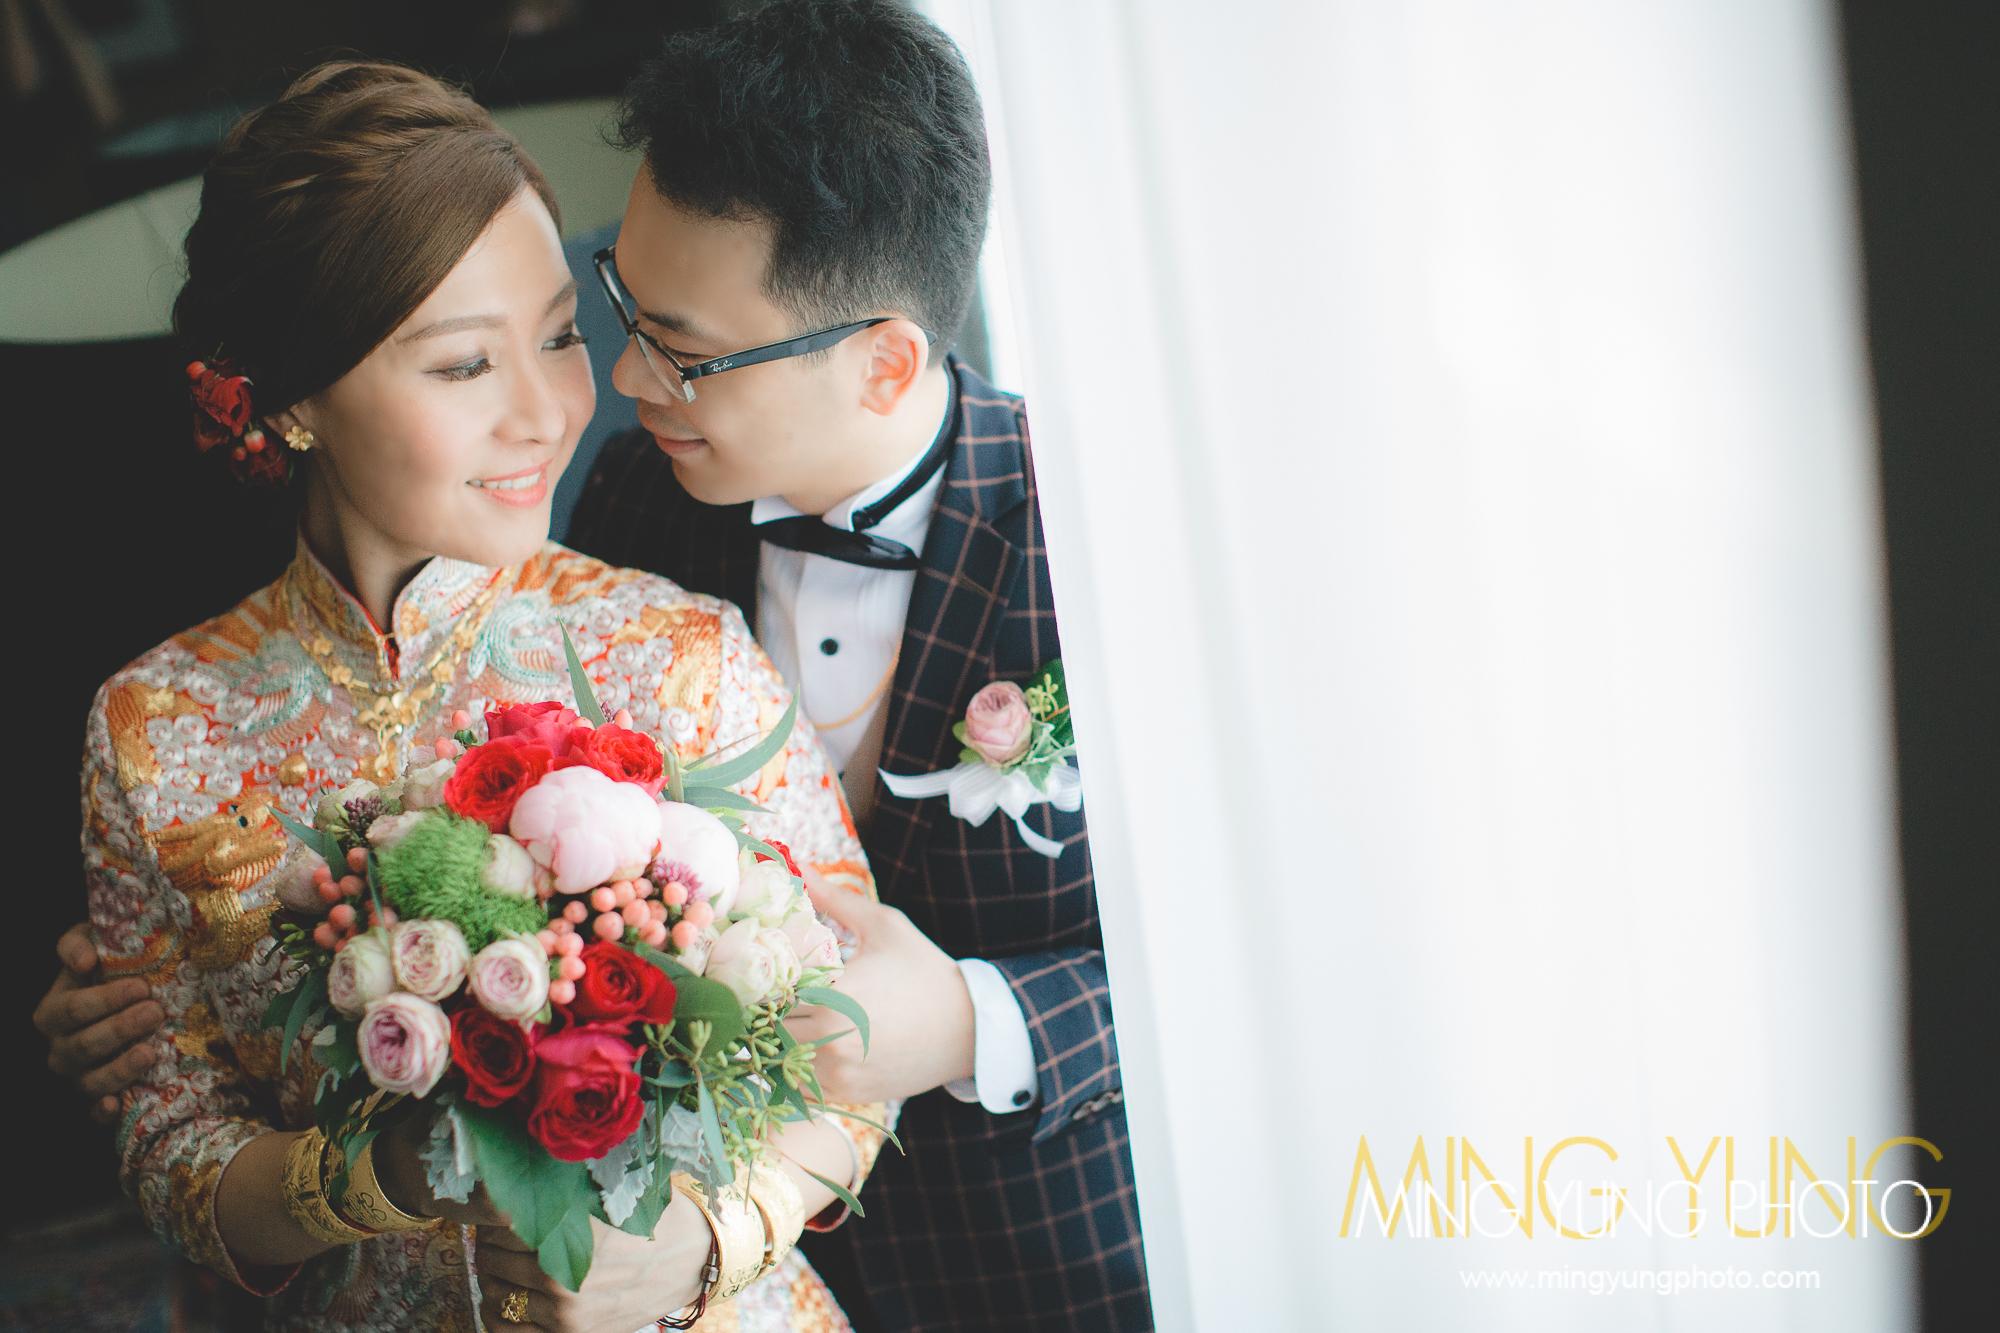 mingyungphoto-201606240023